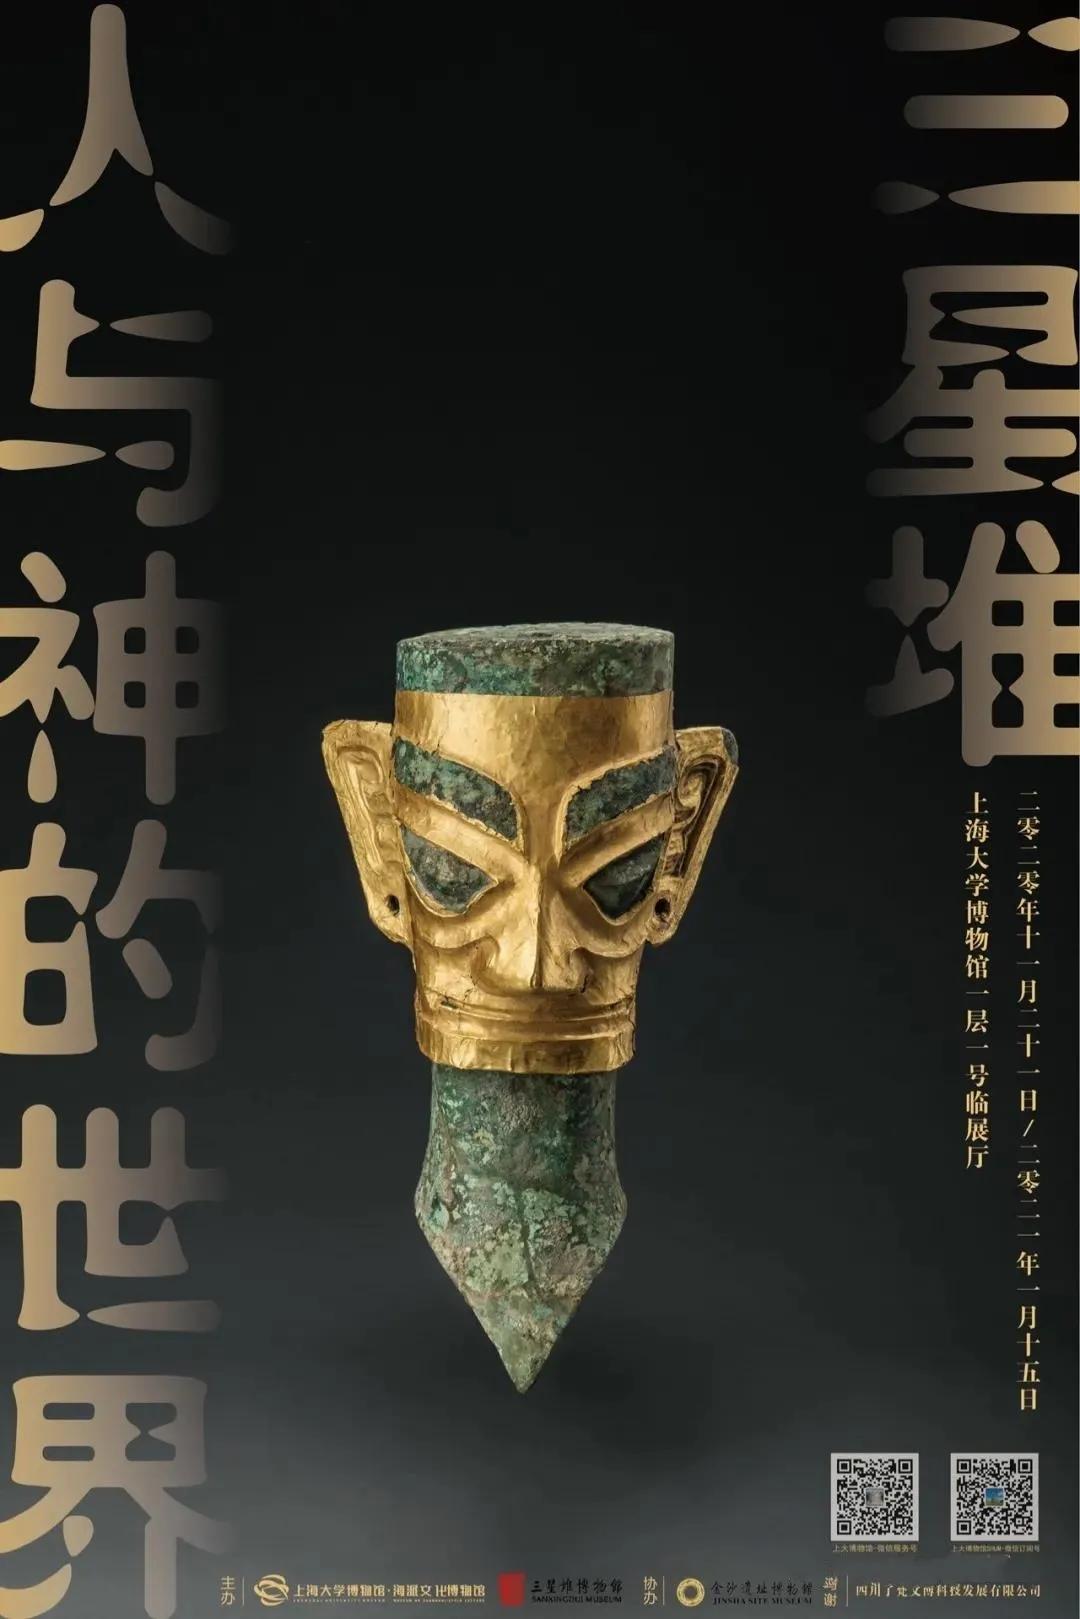 """上海开展!""""三星堆:人与神的世界""""特展即将在上海大学博物馆举办"""